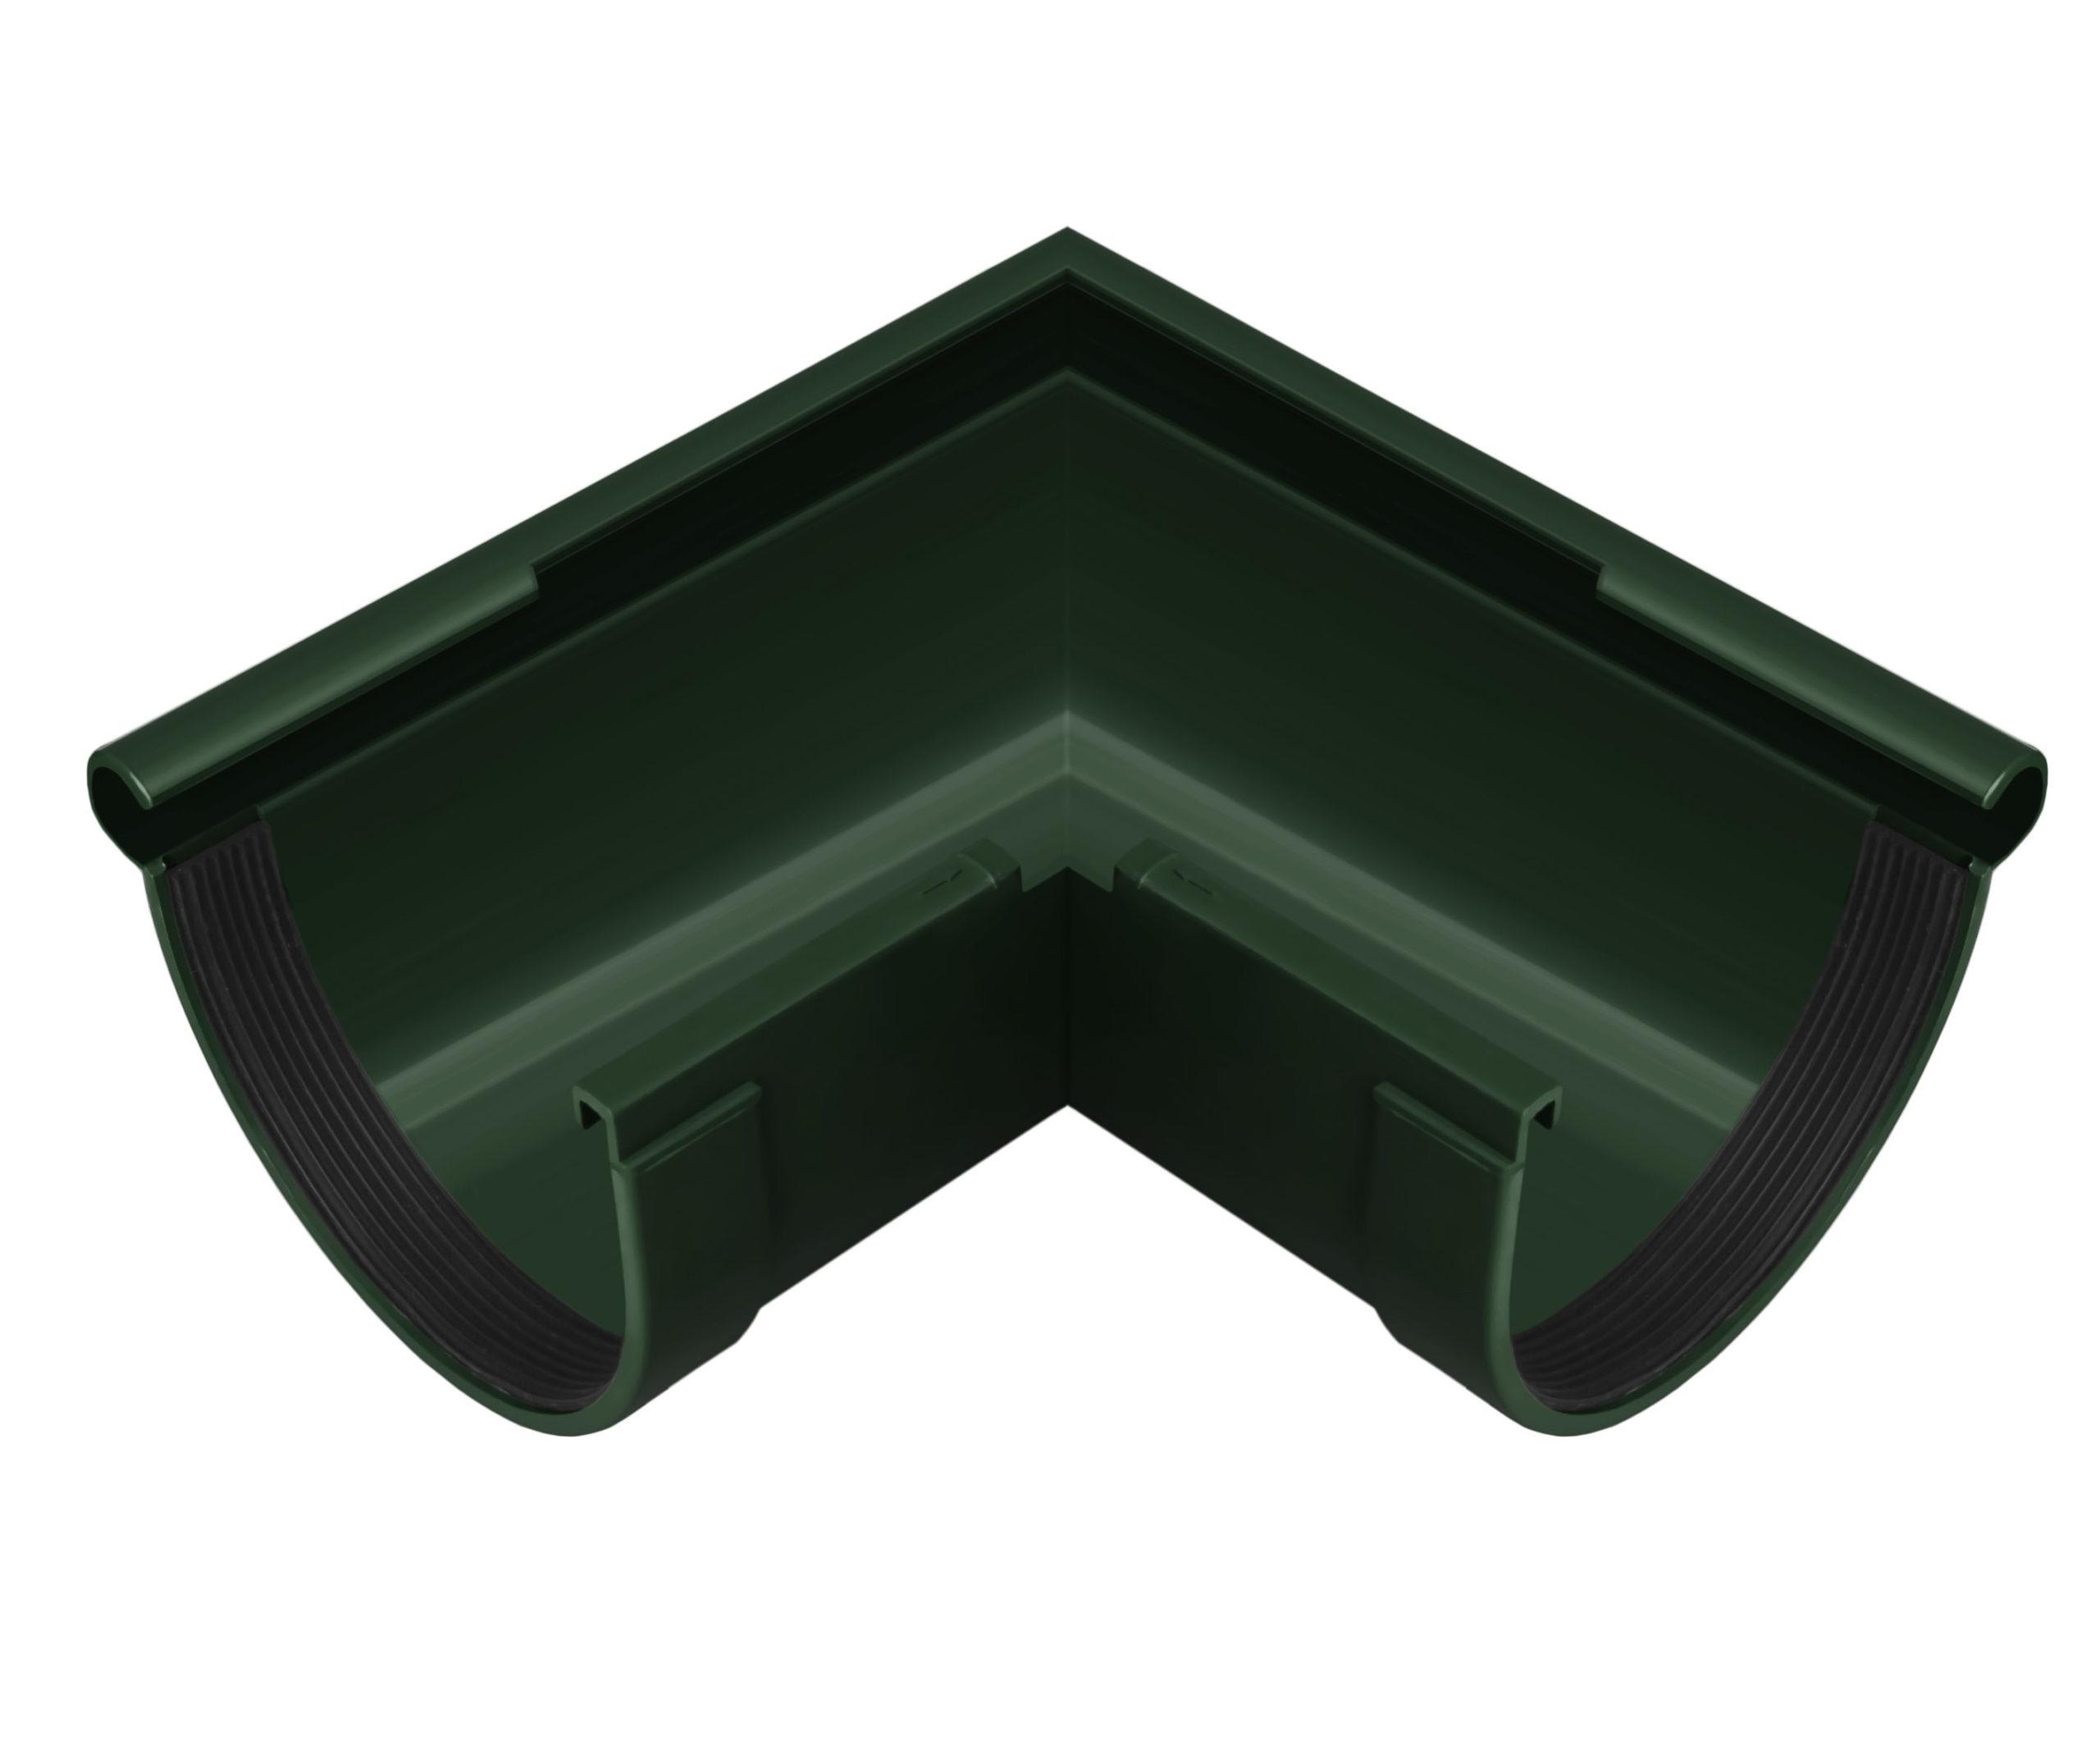 Кут ринви зовнішній 90°, зелений 130мм/Ø RainWay